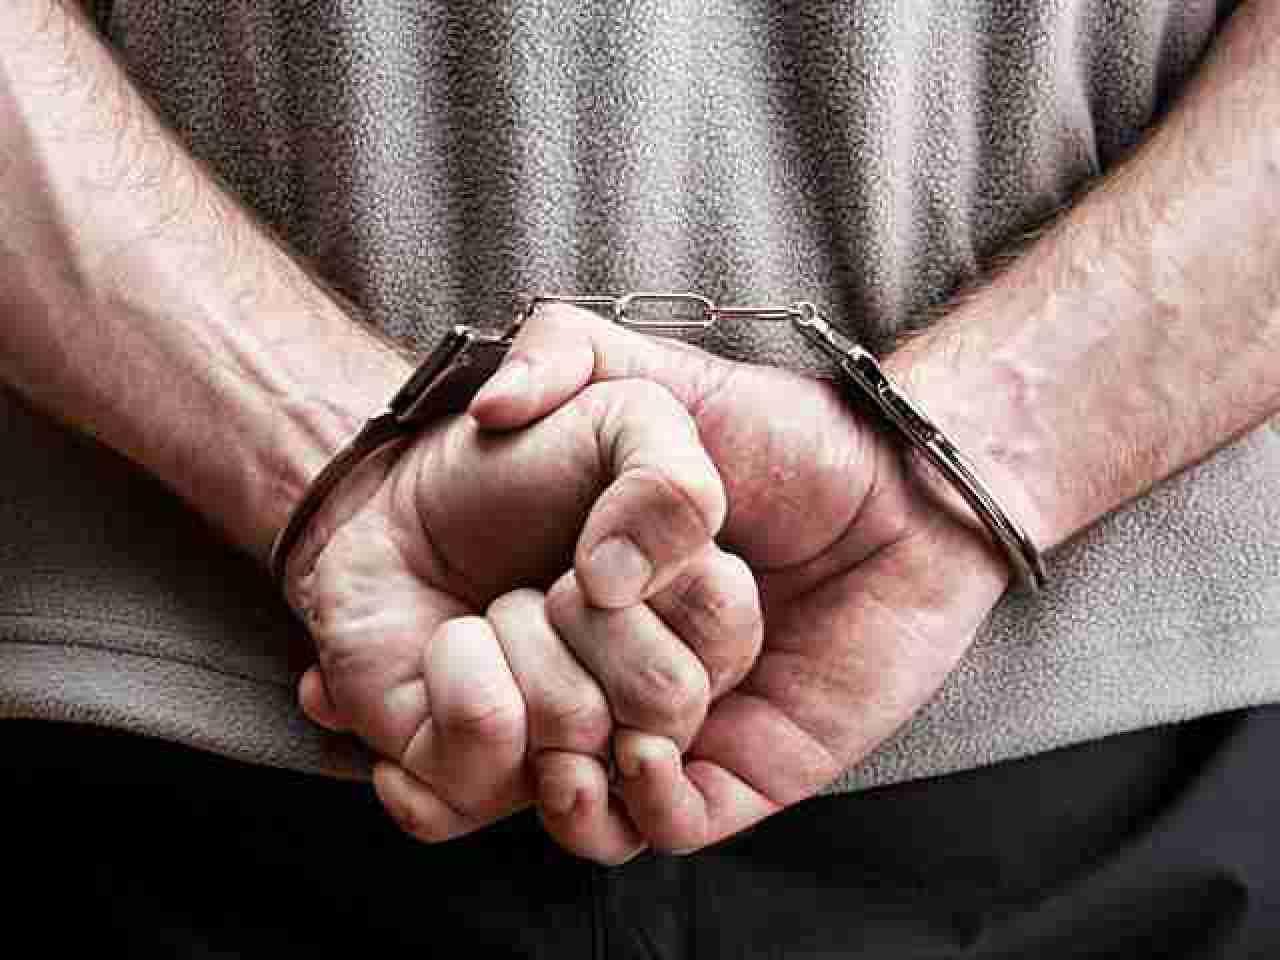 Задержания лидеров ОПГ в Казахстане: кто оказался за решеткой